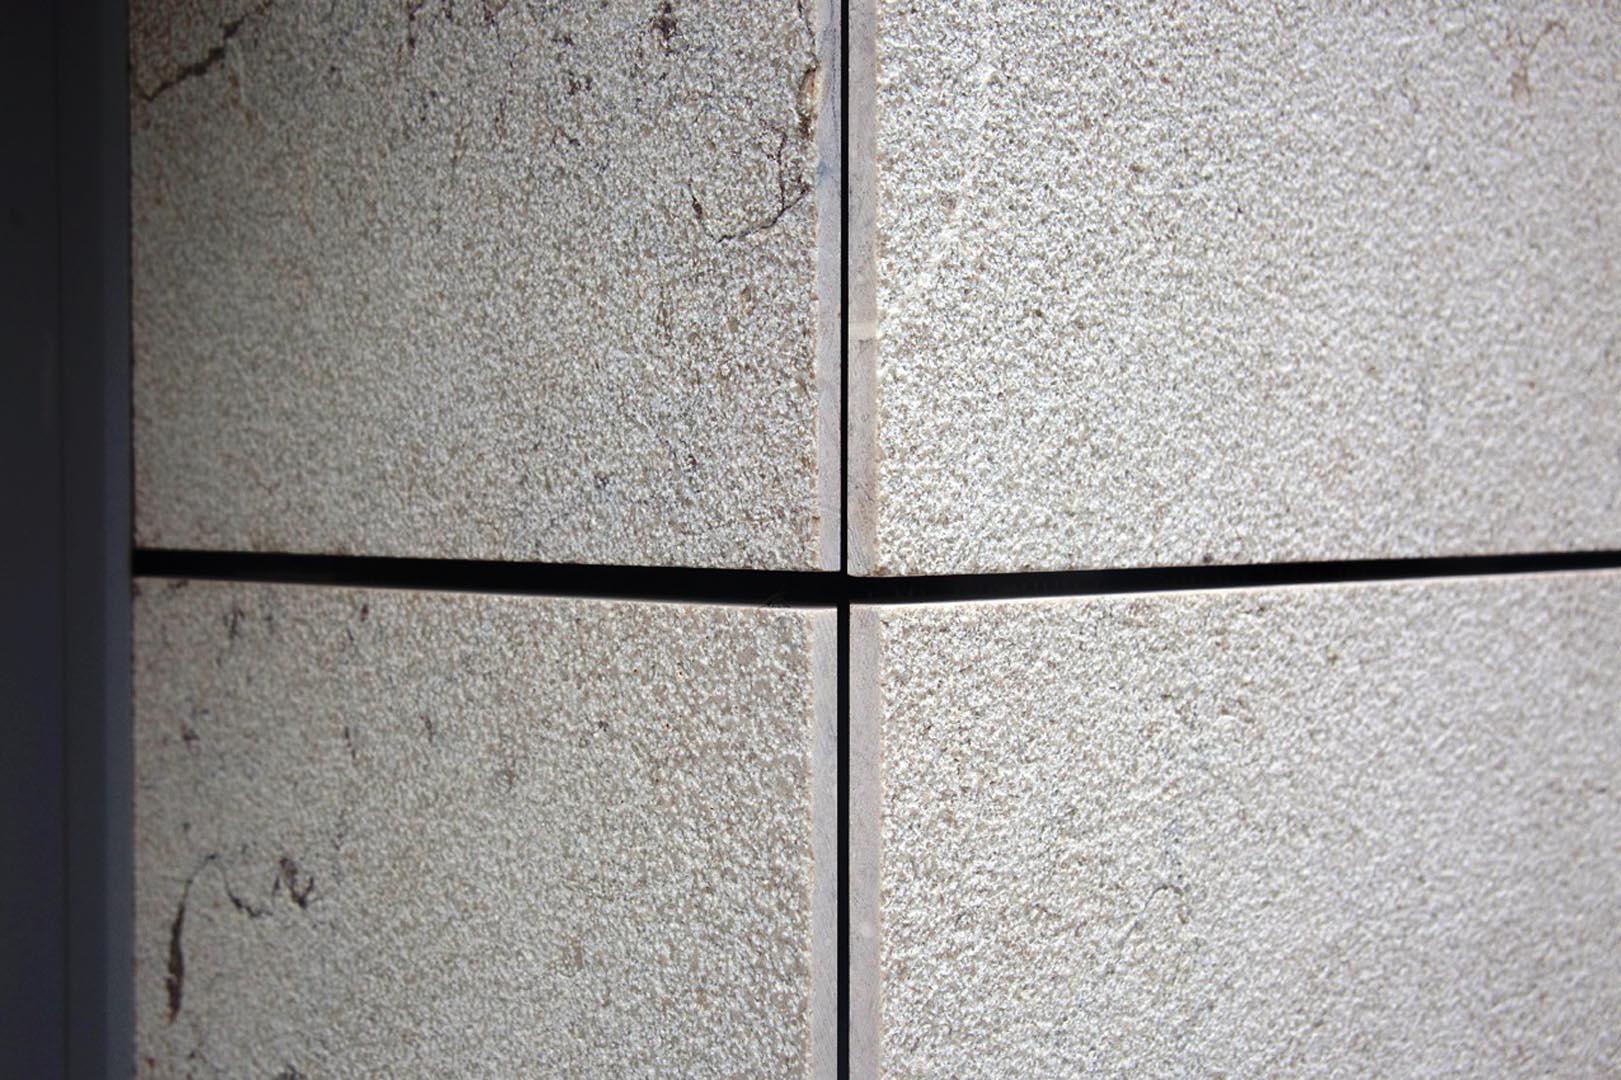 Dettaglio del rivestimento in Marmo Grolla al Polo Scolastico di Mezzolombardo